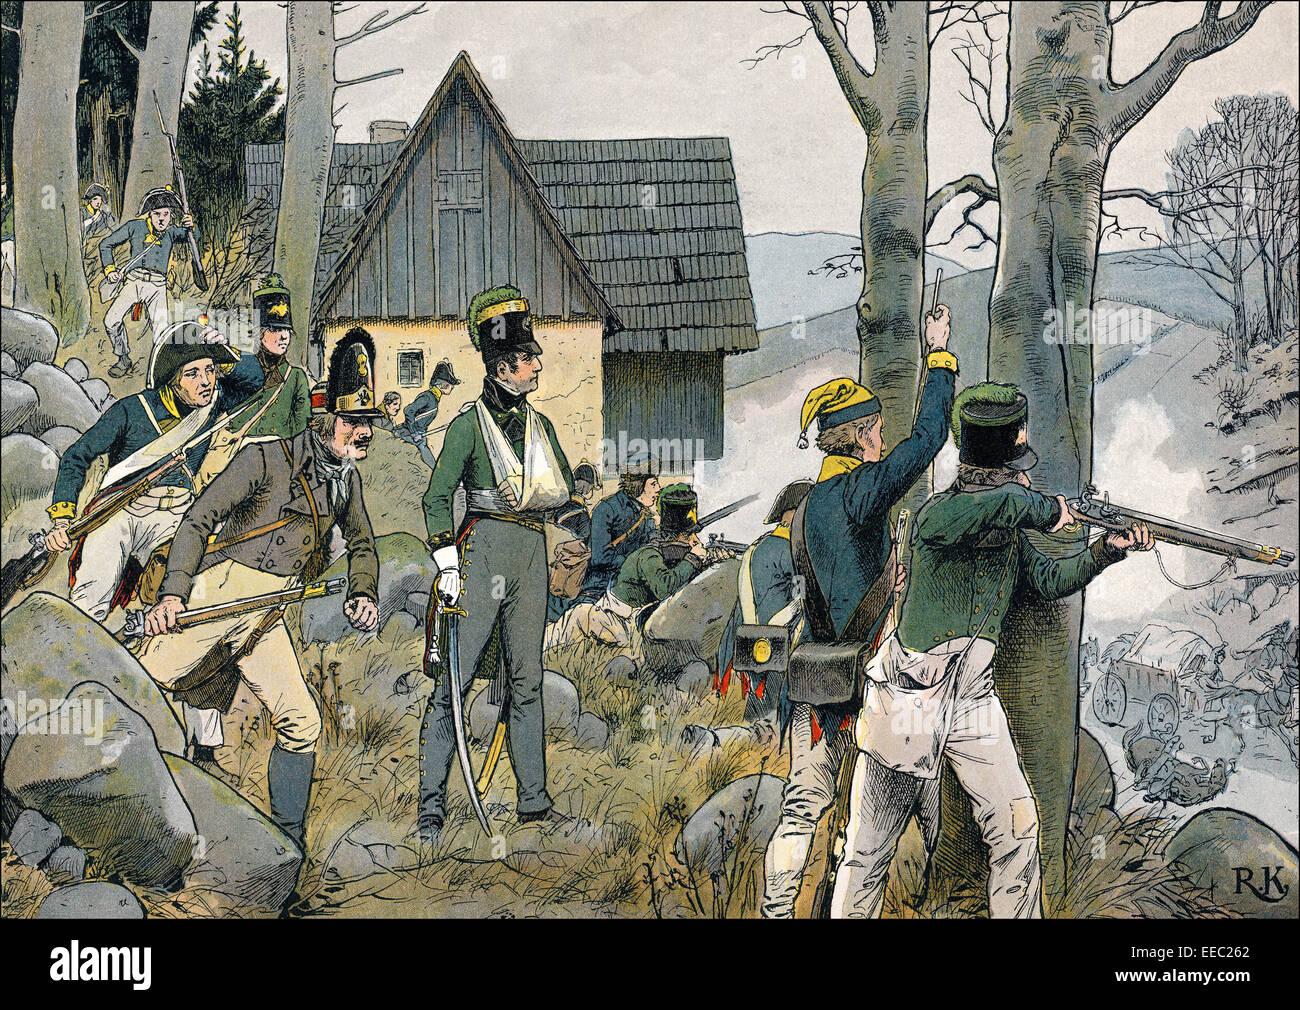 Las guerras napoleónicas, la guerra en la montaña del condado de Glatz o condado de Kladsko, 1807, pintura histórica por R. Knötel Publishin, Foto de stock